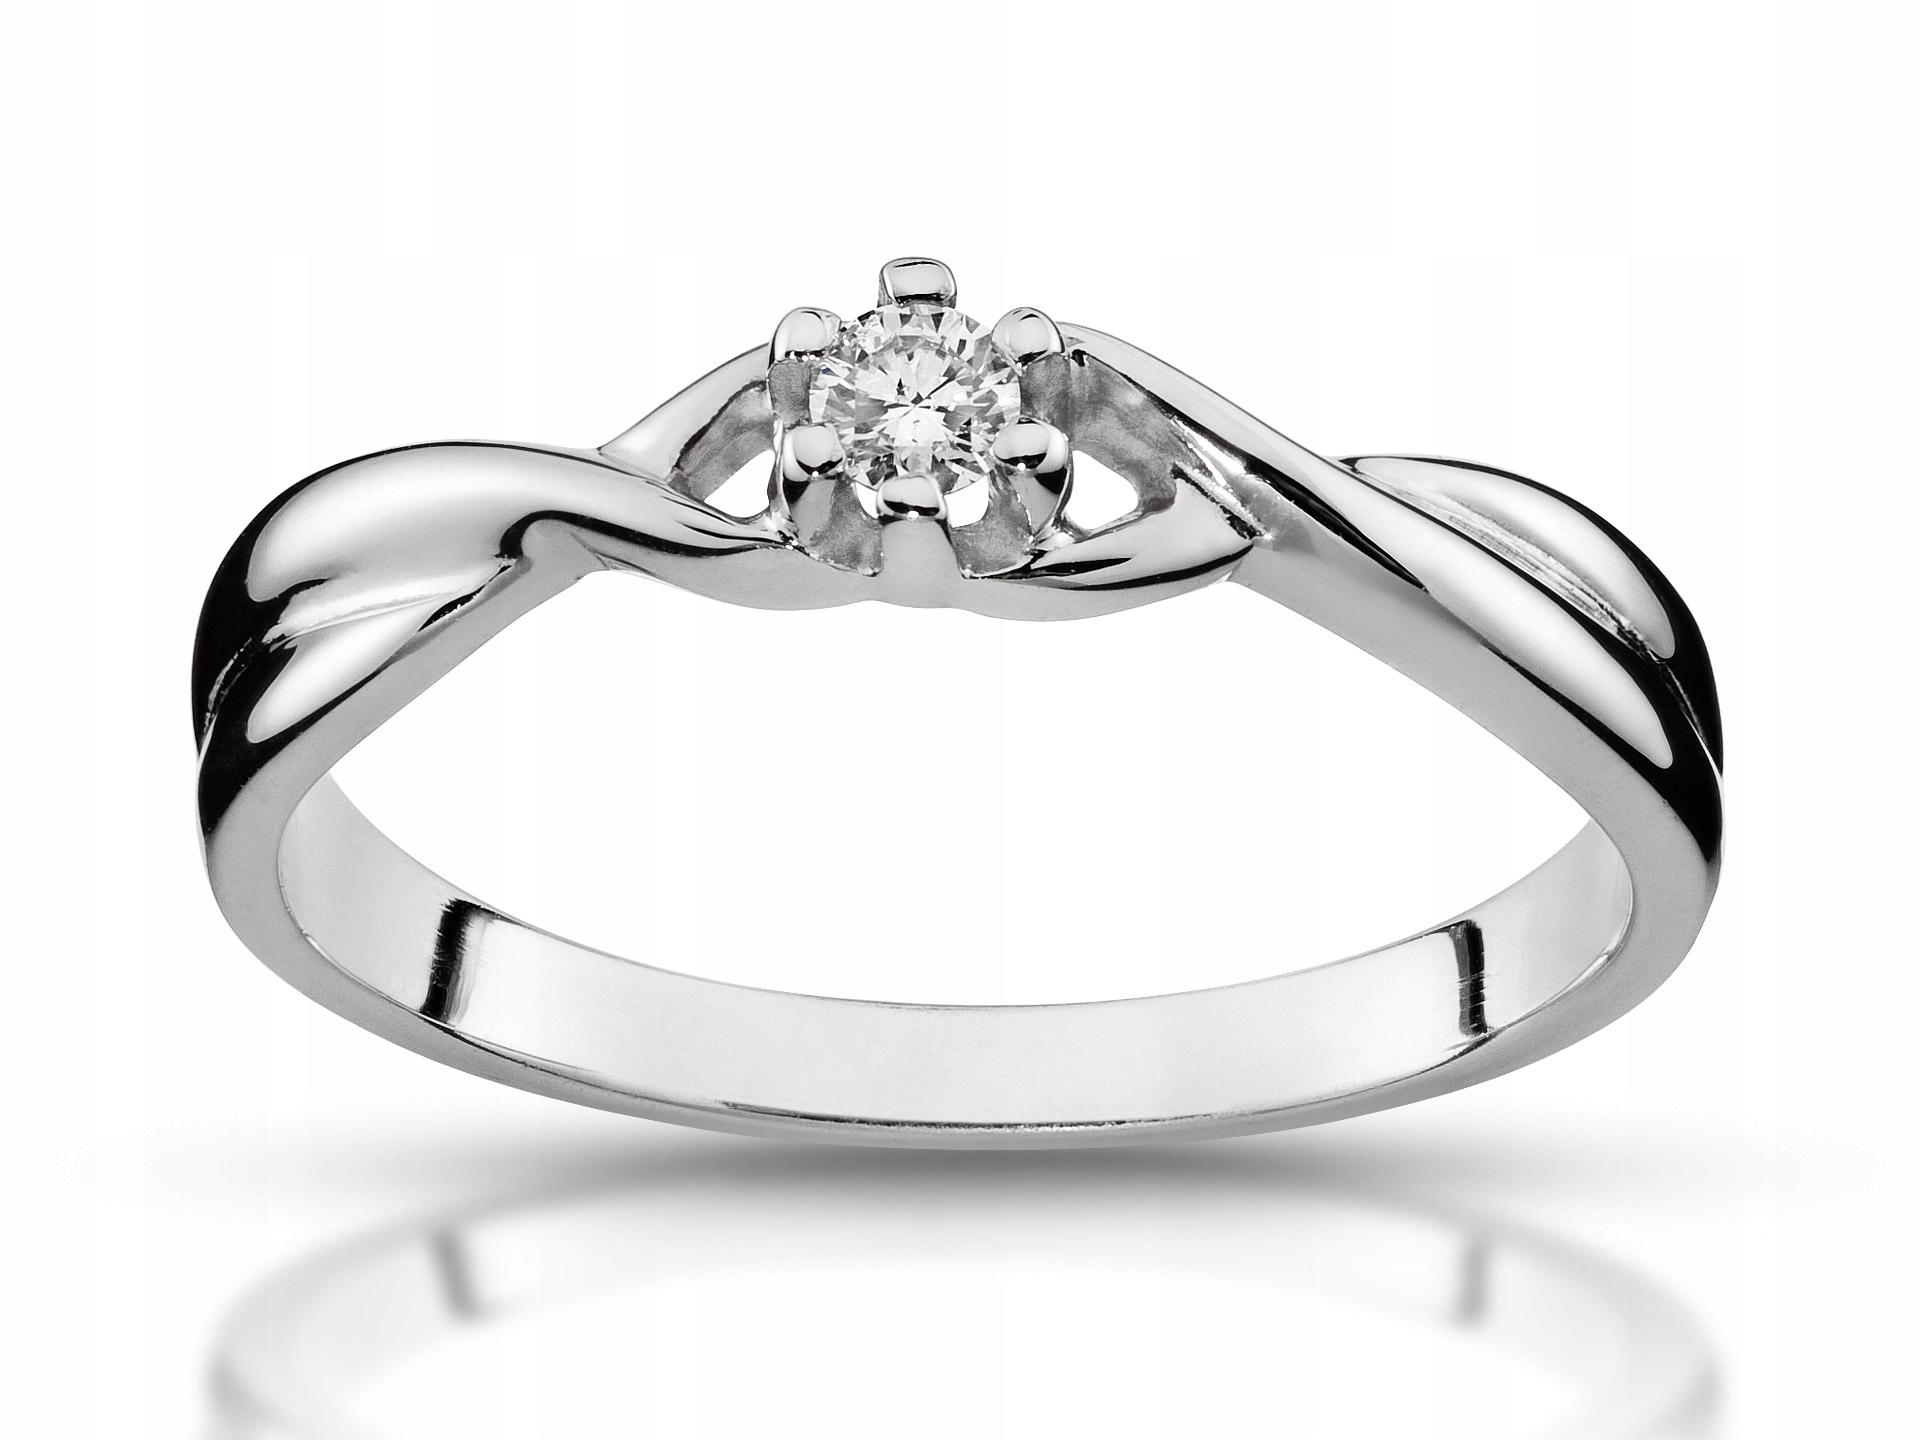 Pierścionek zaręczynowy z brylantem 0,06ct 585 Vs